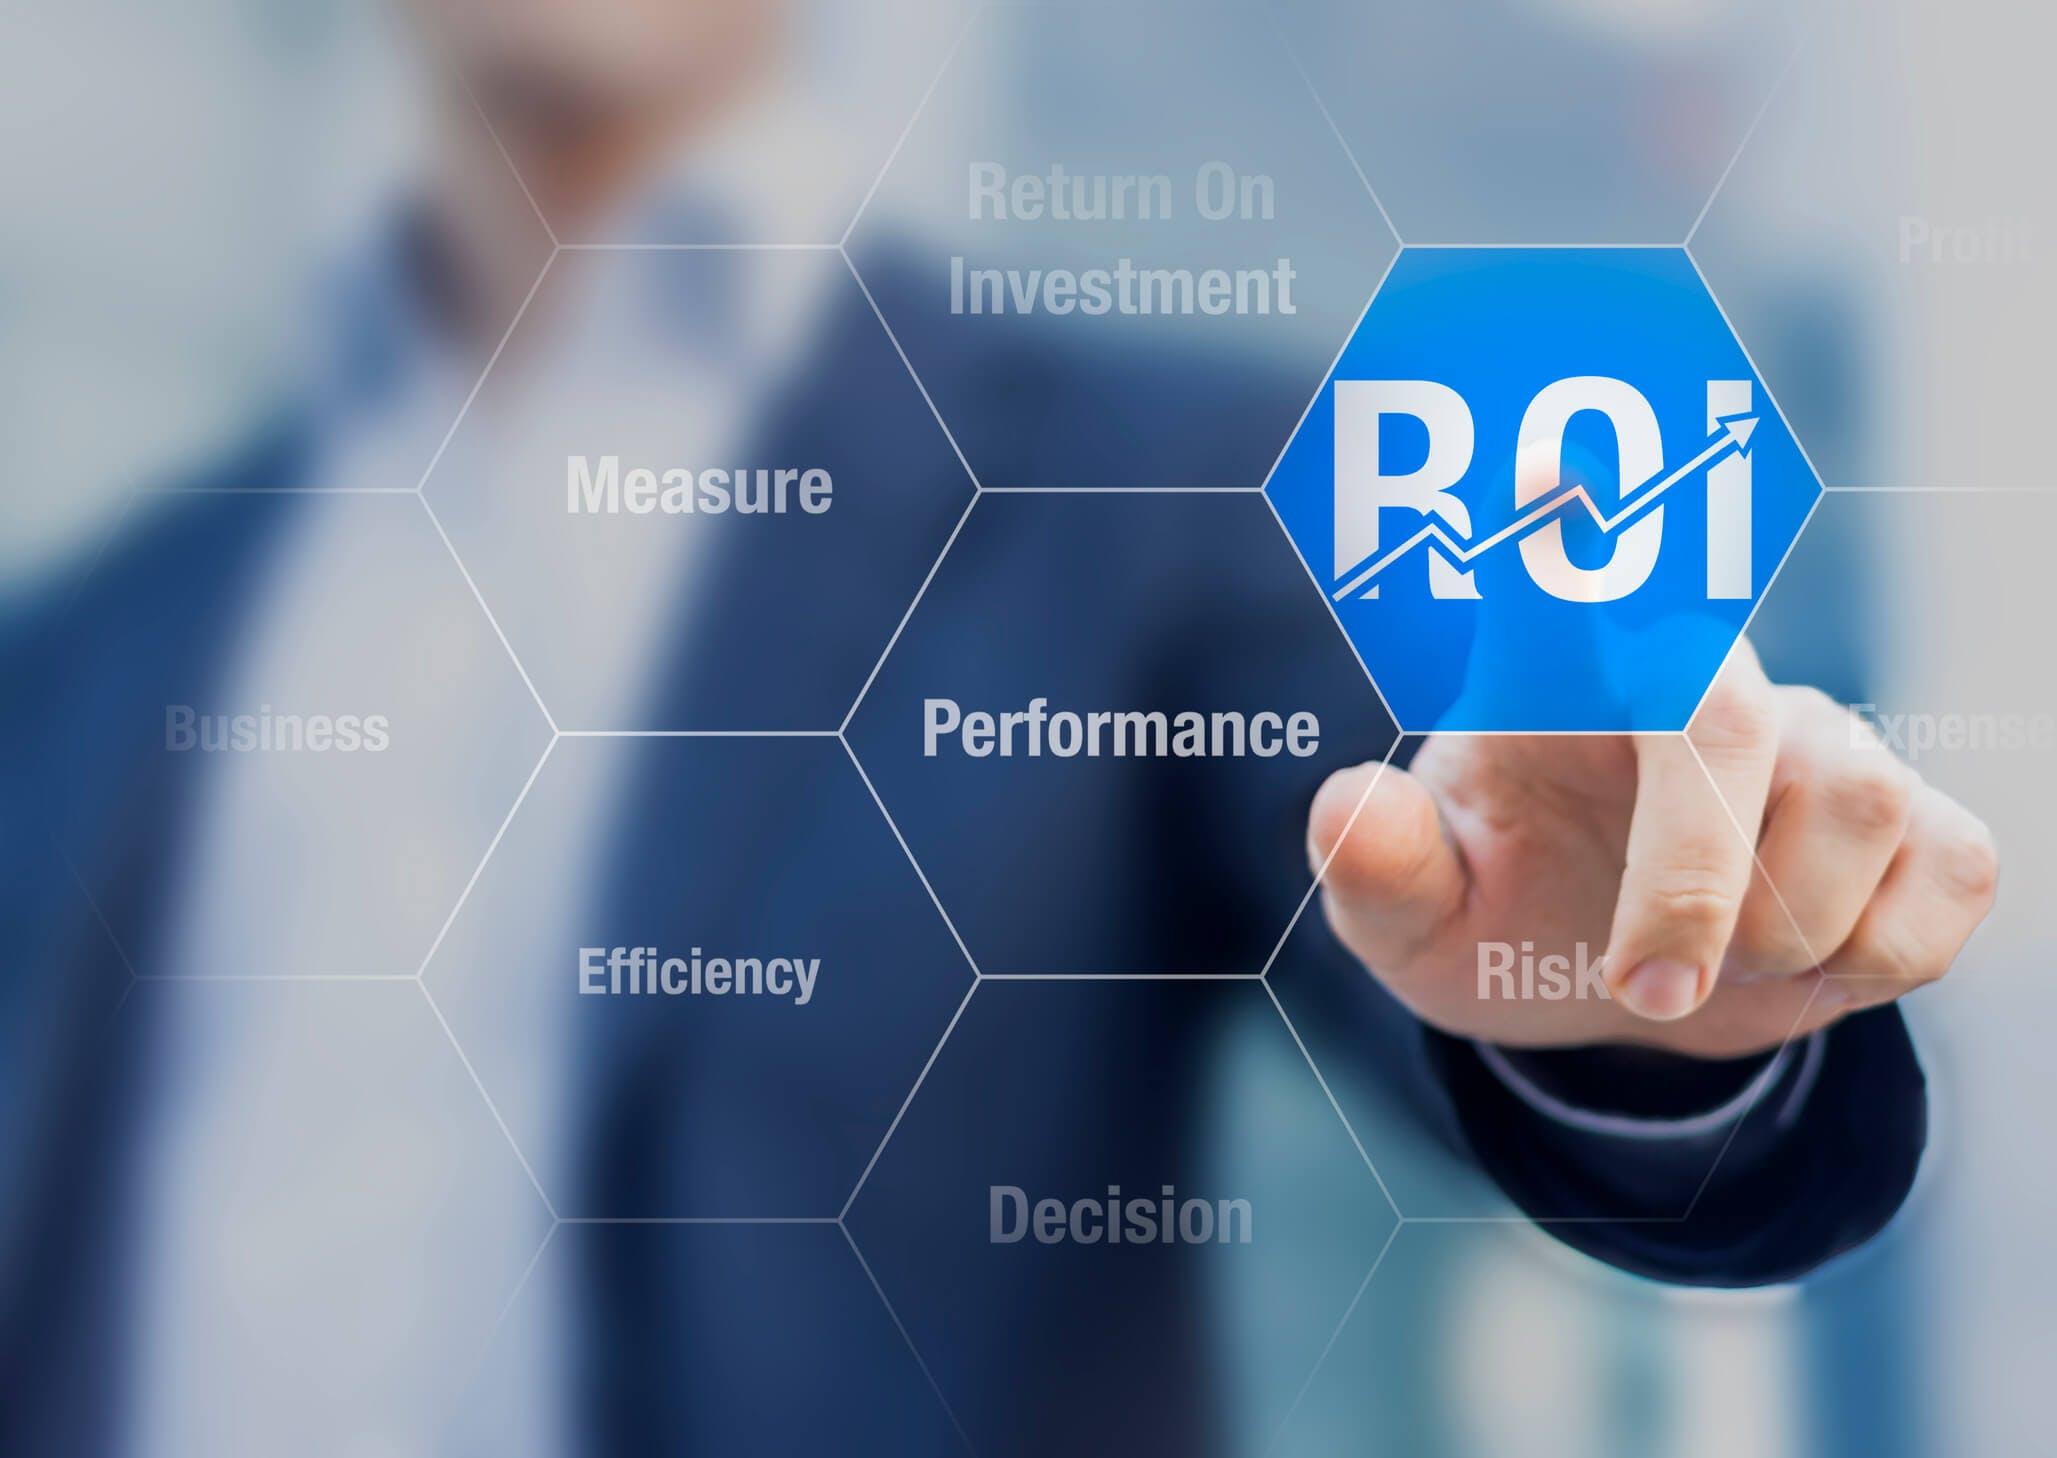 Titelbild-ROI-Touchscreen-Mann-digital-iStock-489982076-NicoElNino